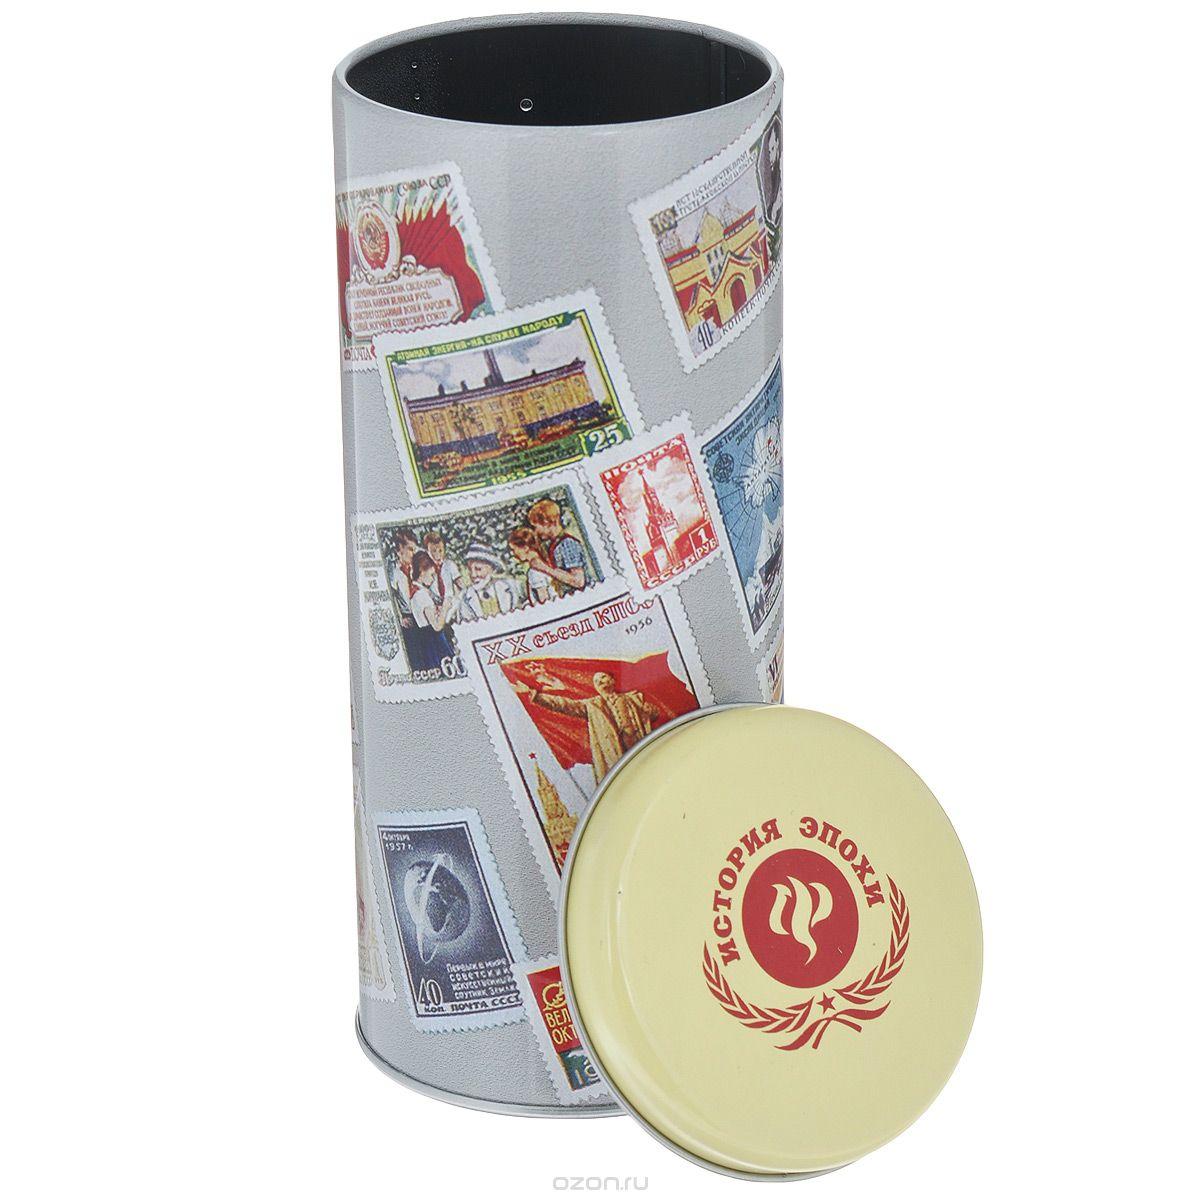 Емкость для сыпучих продуктов Феникс-Презент Почтовые марки, 750 мл37623Емкость для сыпучих продуктов Феникс-Презент Почтовые марки изготовлена из окрашенного черного металла. Изделие оформлено красочным изображением советских почтовых марок. Плотно закрывается крышечкой. В такой емкости удобно хранить специи, соль, сахар, кофе, чай и другие сыпучие продукты. Такая емкость стильно дополнит любой кухонный интерьер, добавив немного ретро в окружающую обстановку.